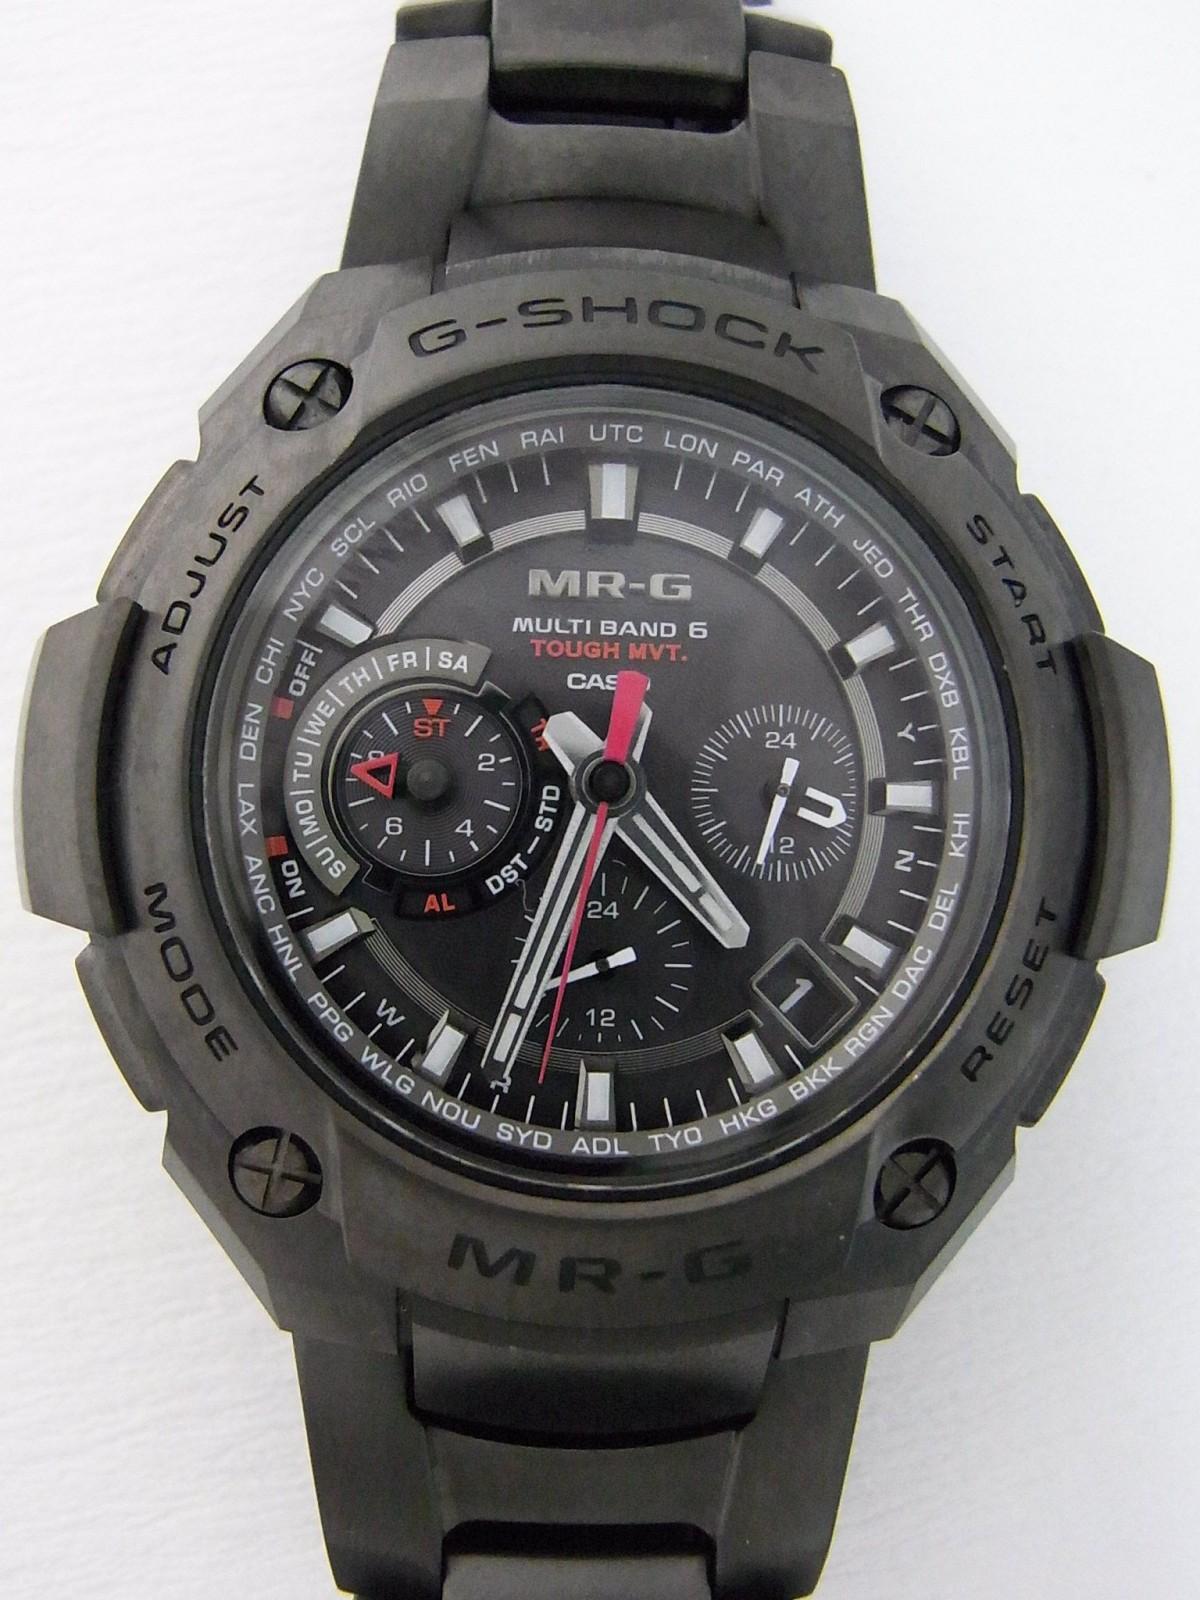 864751e340c1 Relojes Casio G shock MR-G MRG-8100B-1AJF de segunda mano (€40 ...